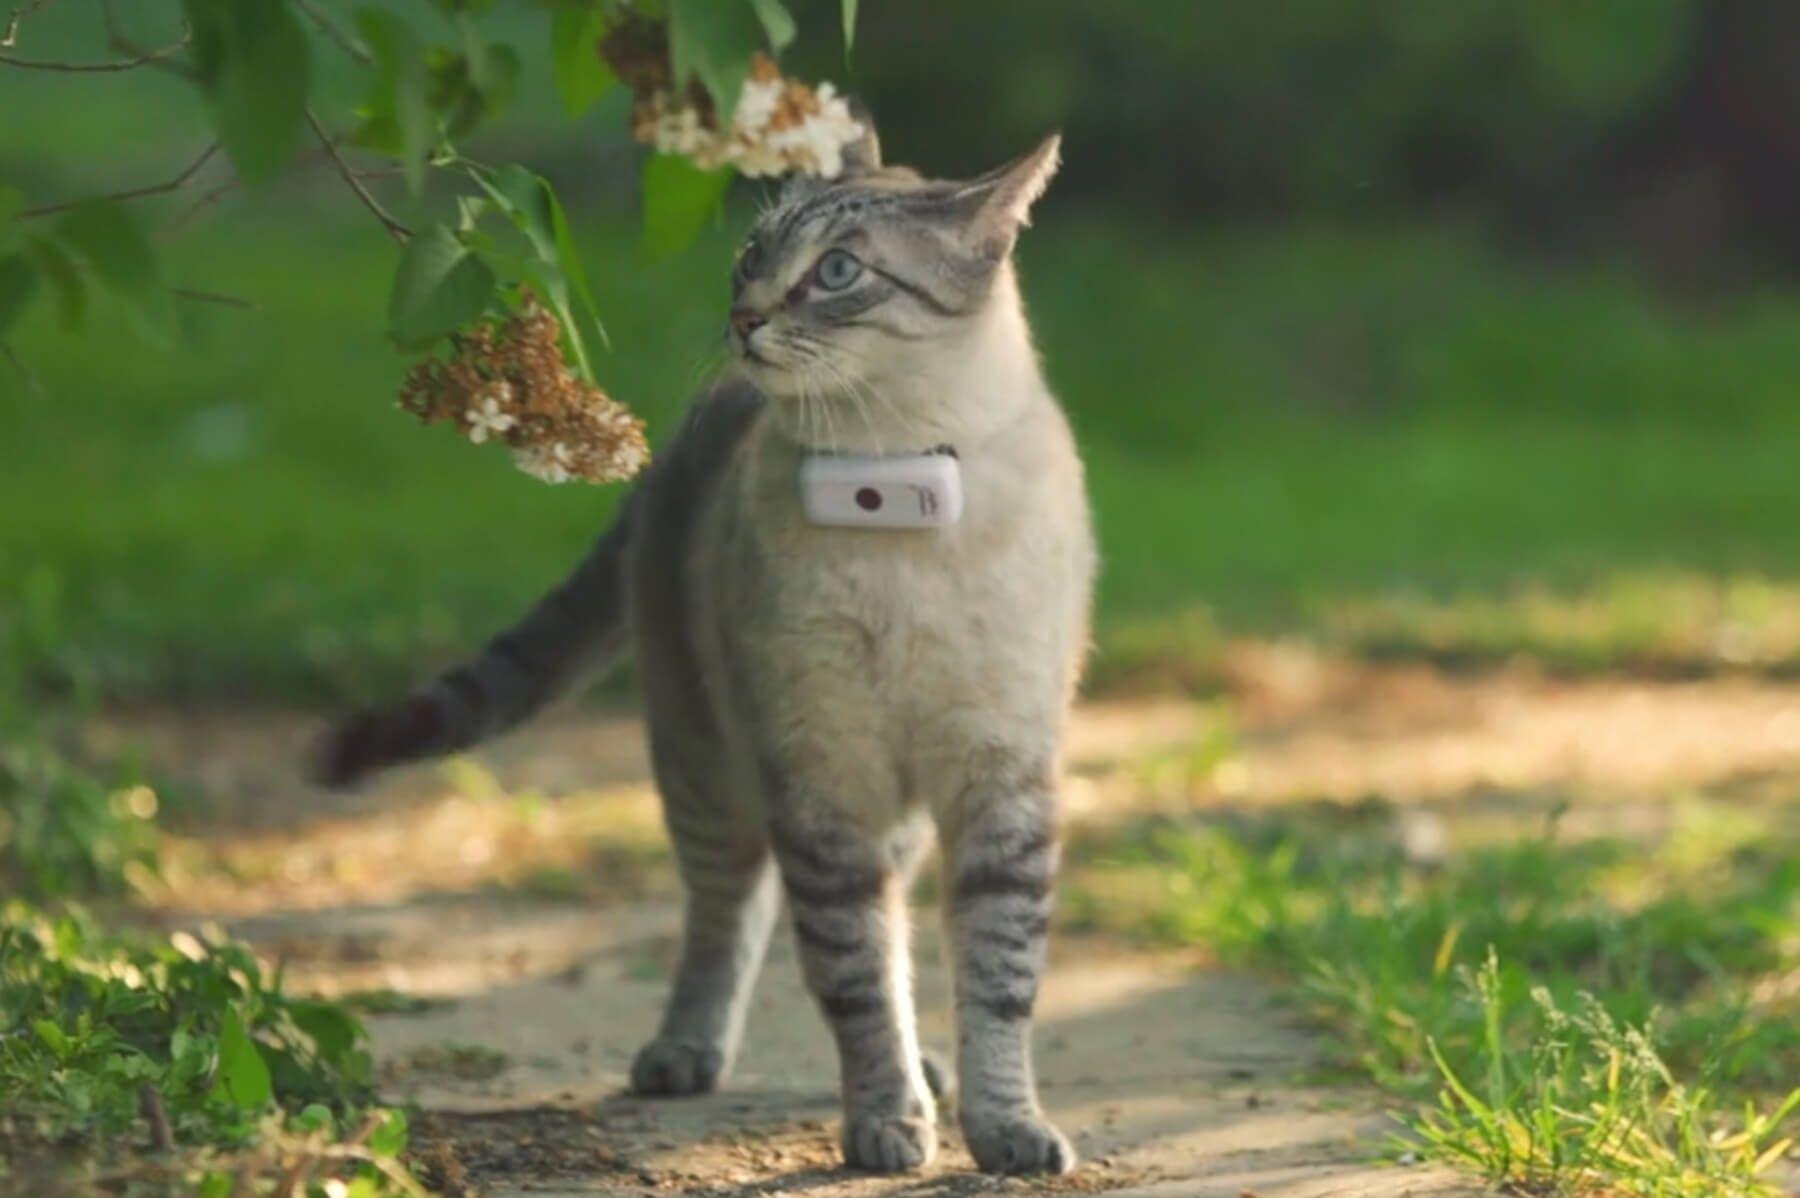 collier Gps sur un chat